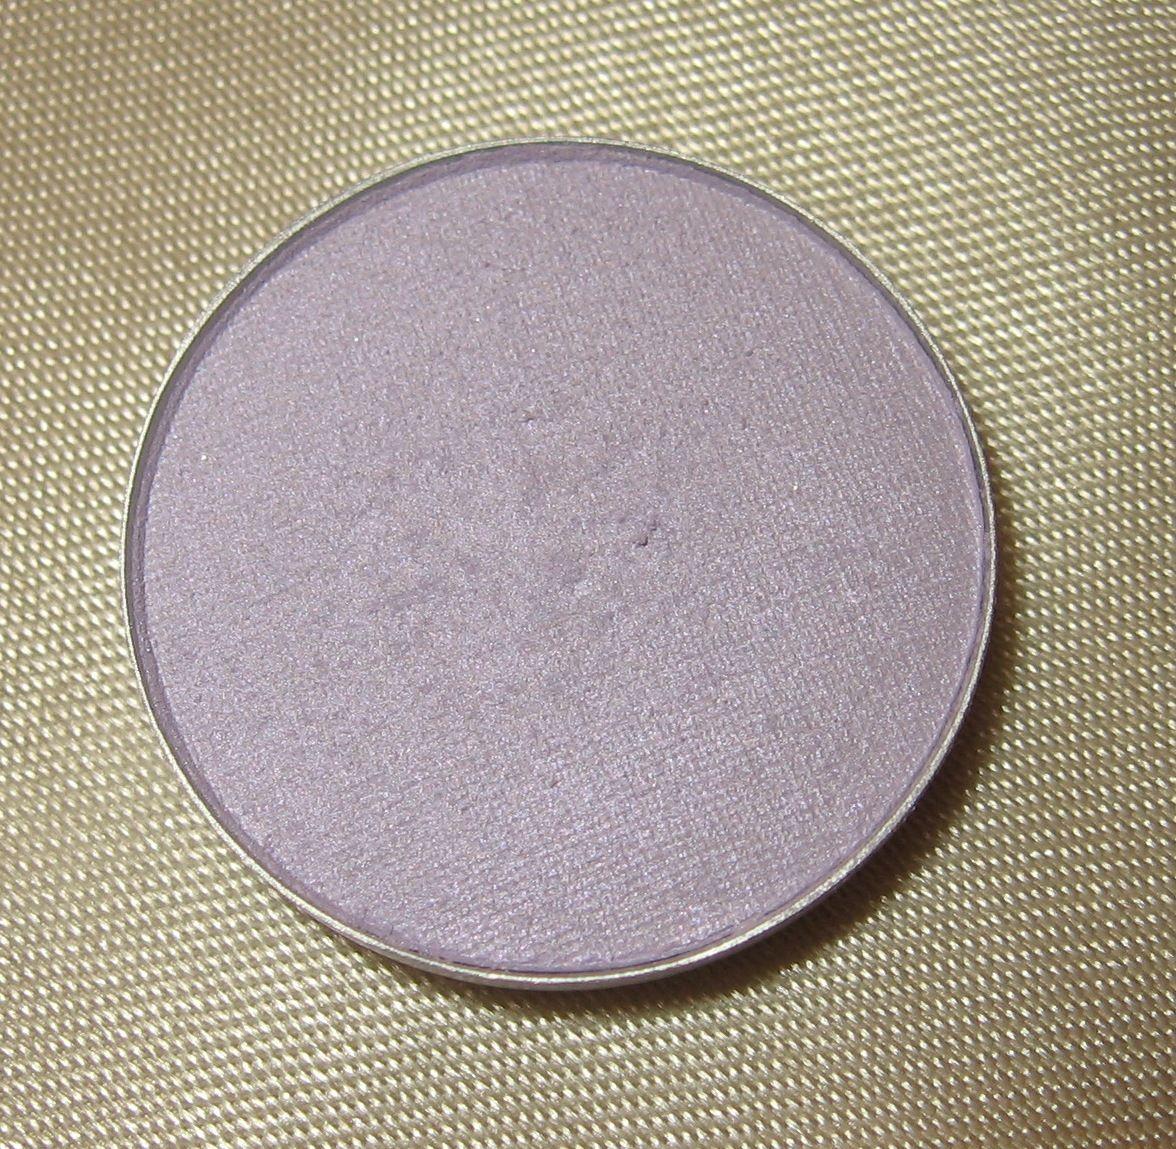 Mac Digit Eyeshadow Refill Pan